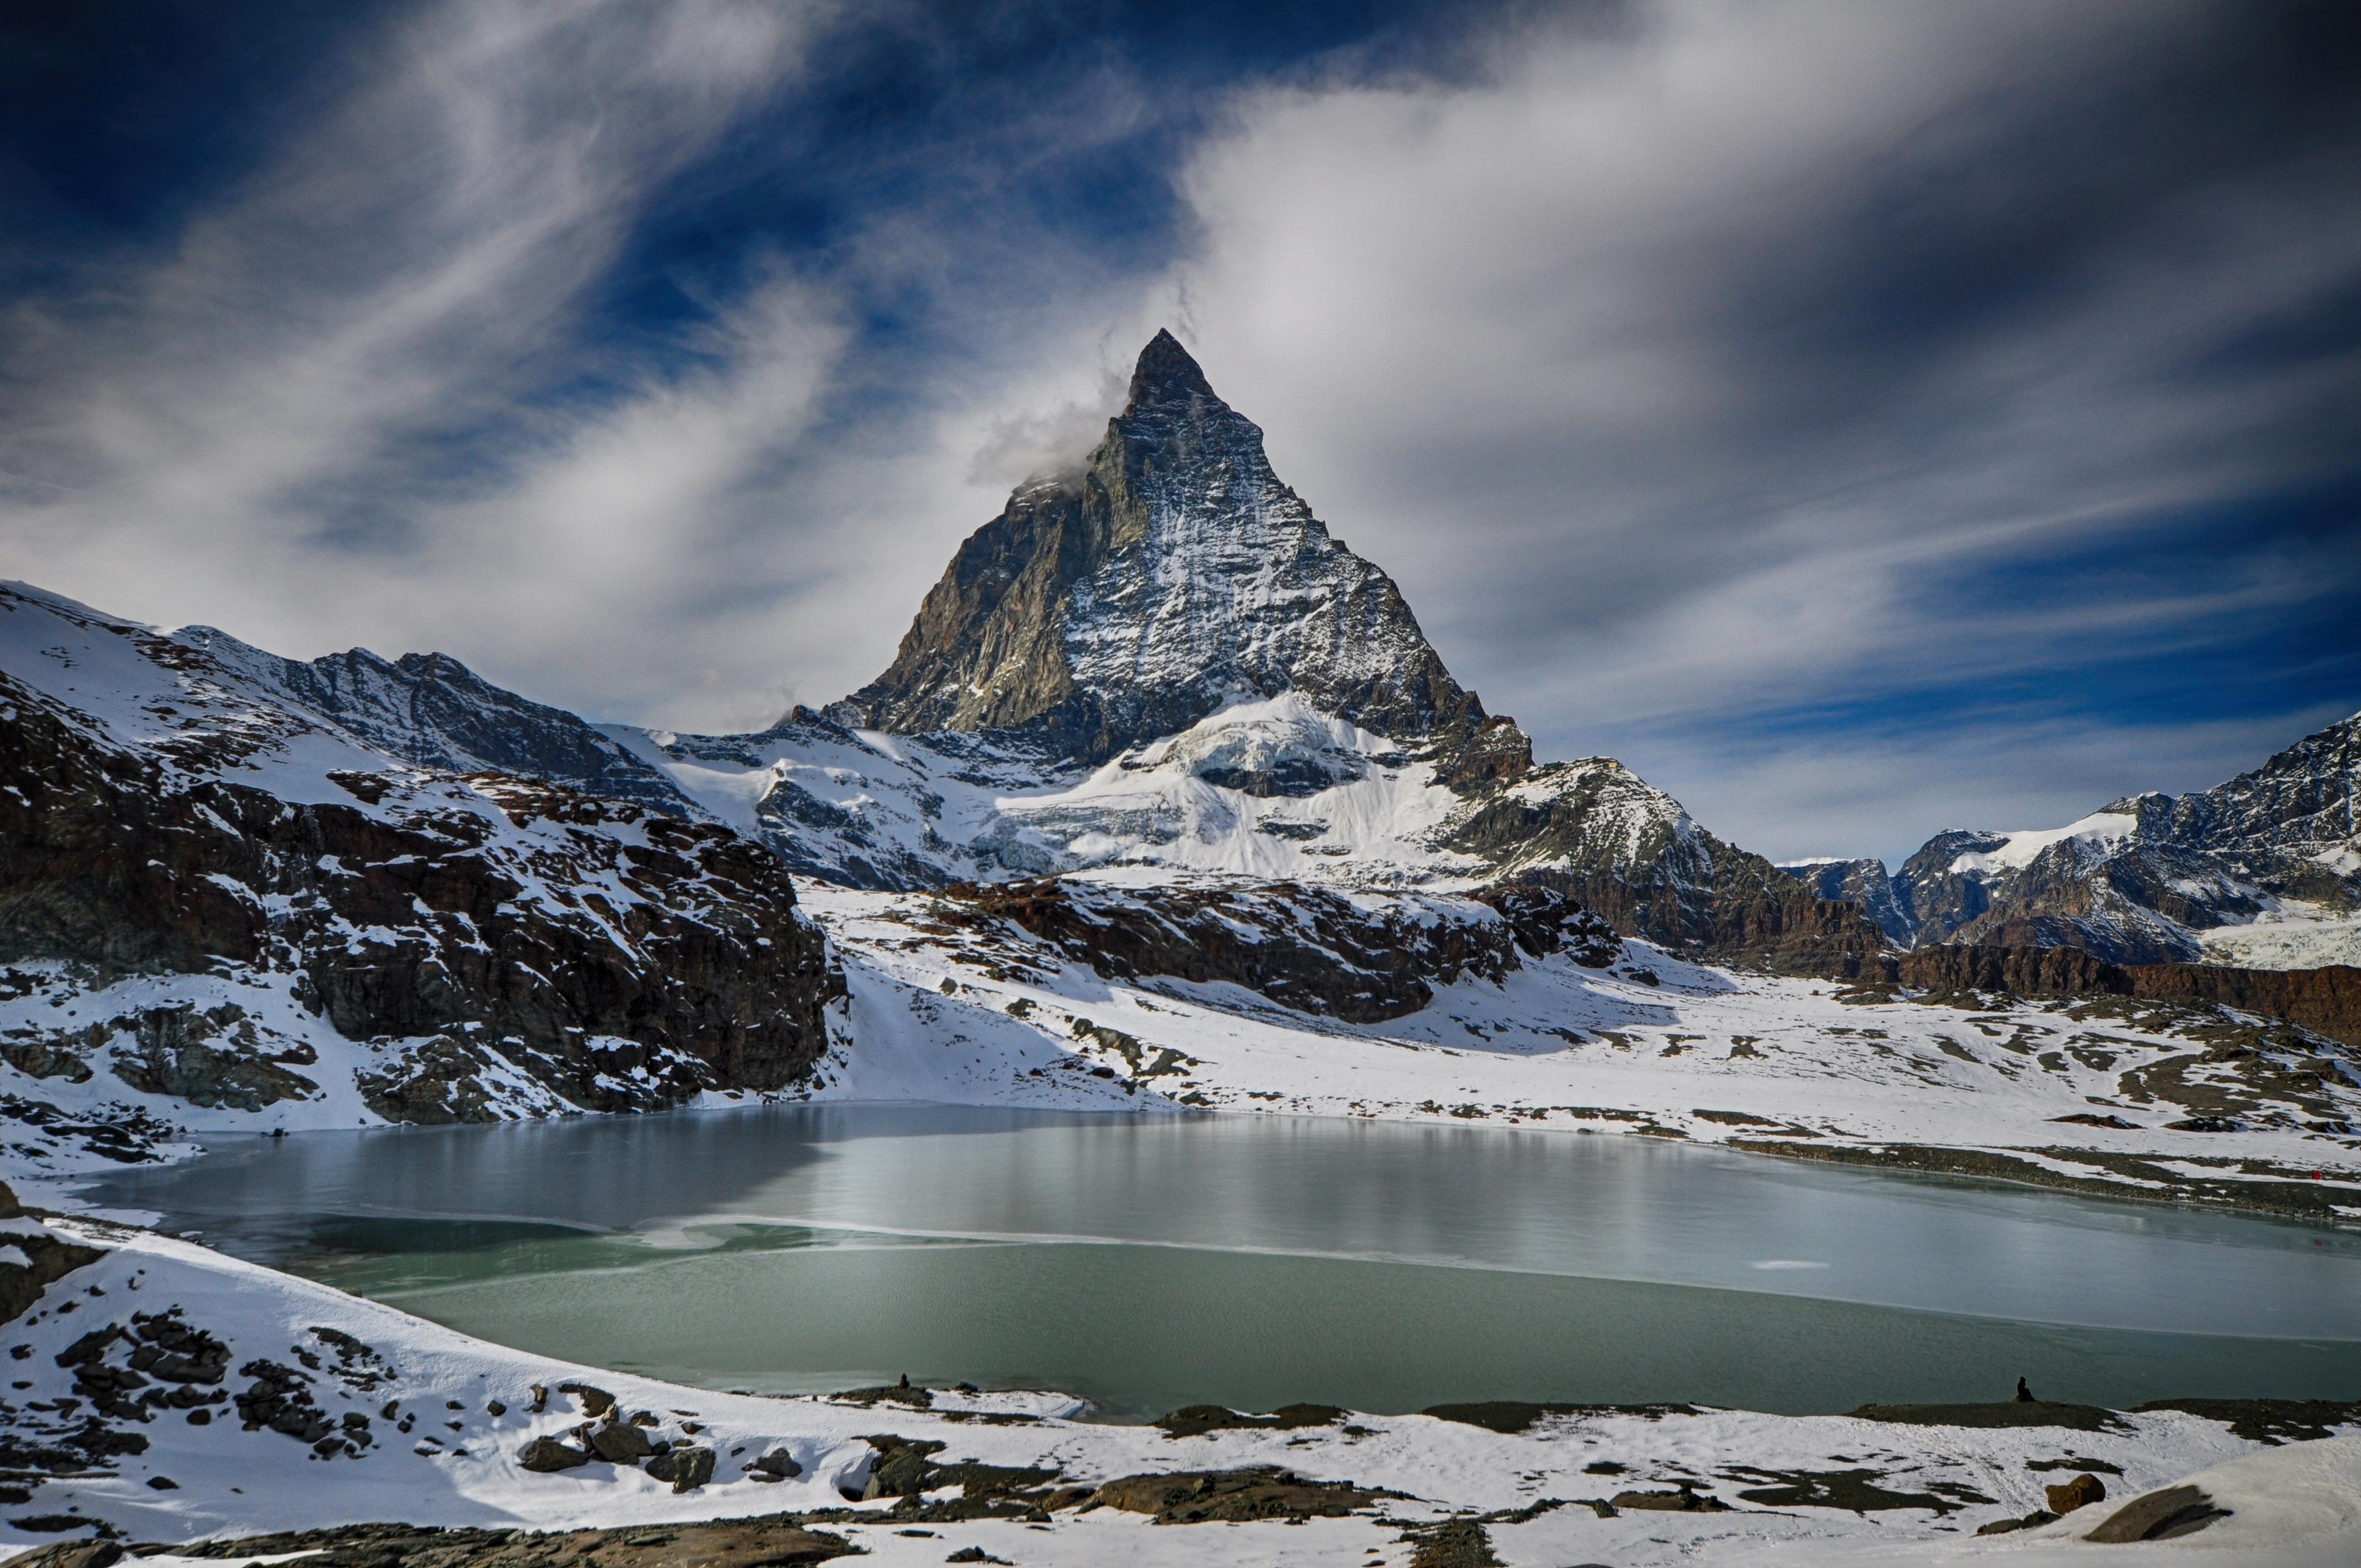 Matterhorn - Best places to visit in Switzerland